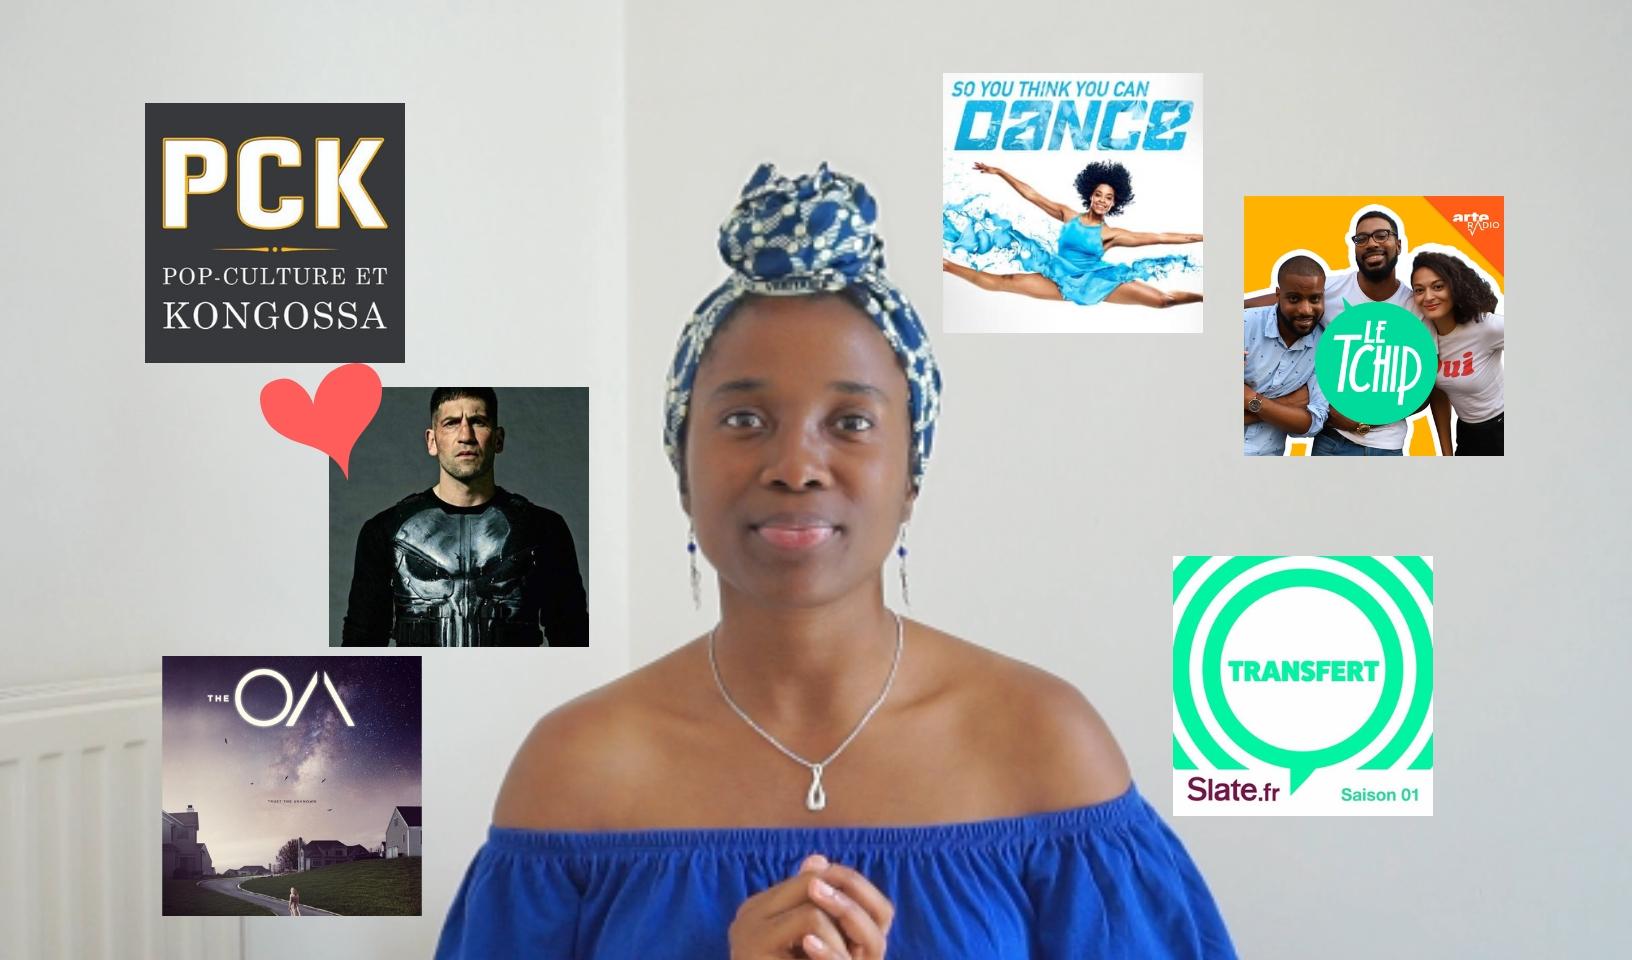 [VIDÉO] Dans mes Favoris : Le Tchip, PCK Podcast, The Punisher, etc.